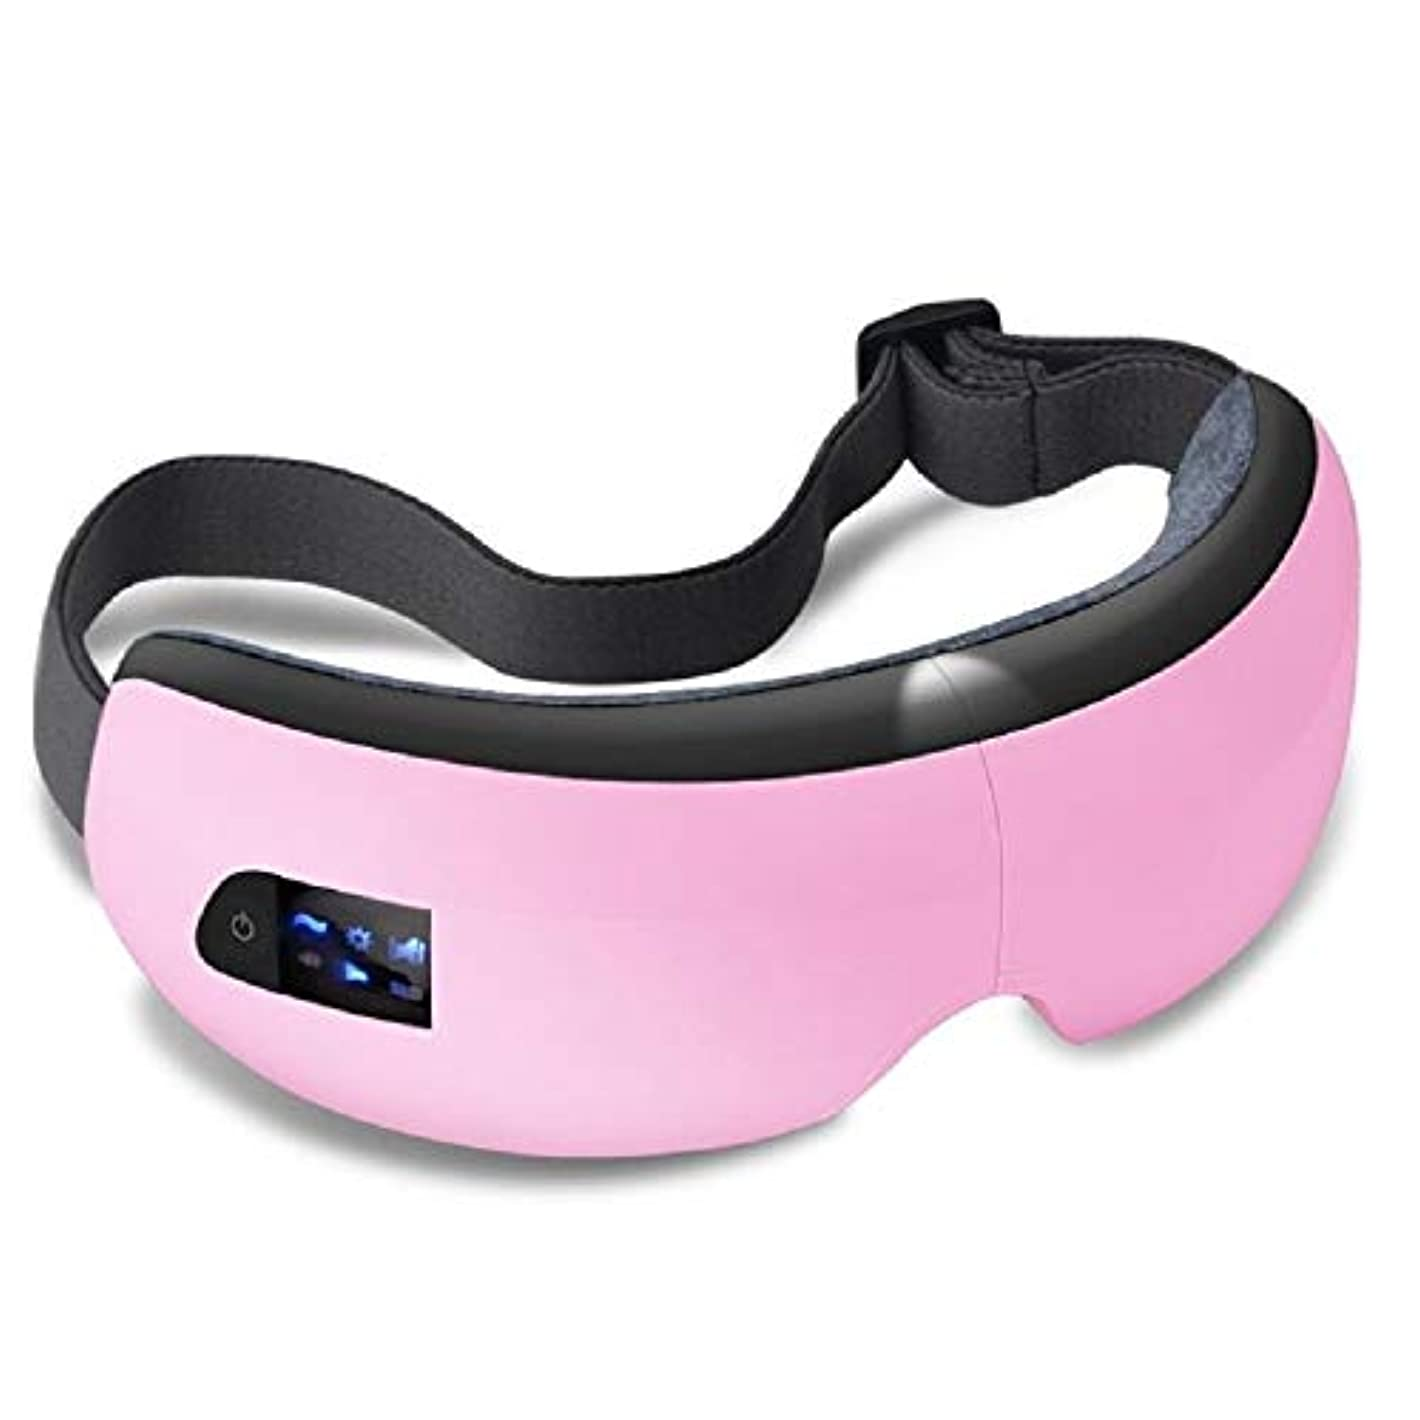 ピジンお香群衆Meet now ホットプレス充電式アイマッサージャー付きのスタイリッシュなワイヤレスインテリジェント電気アイプロテクター 品質保証 (Color : Pink)